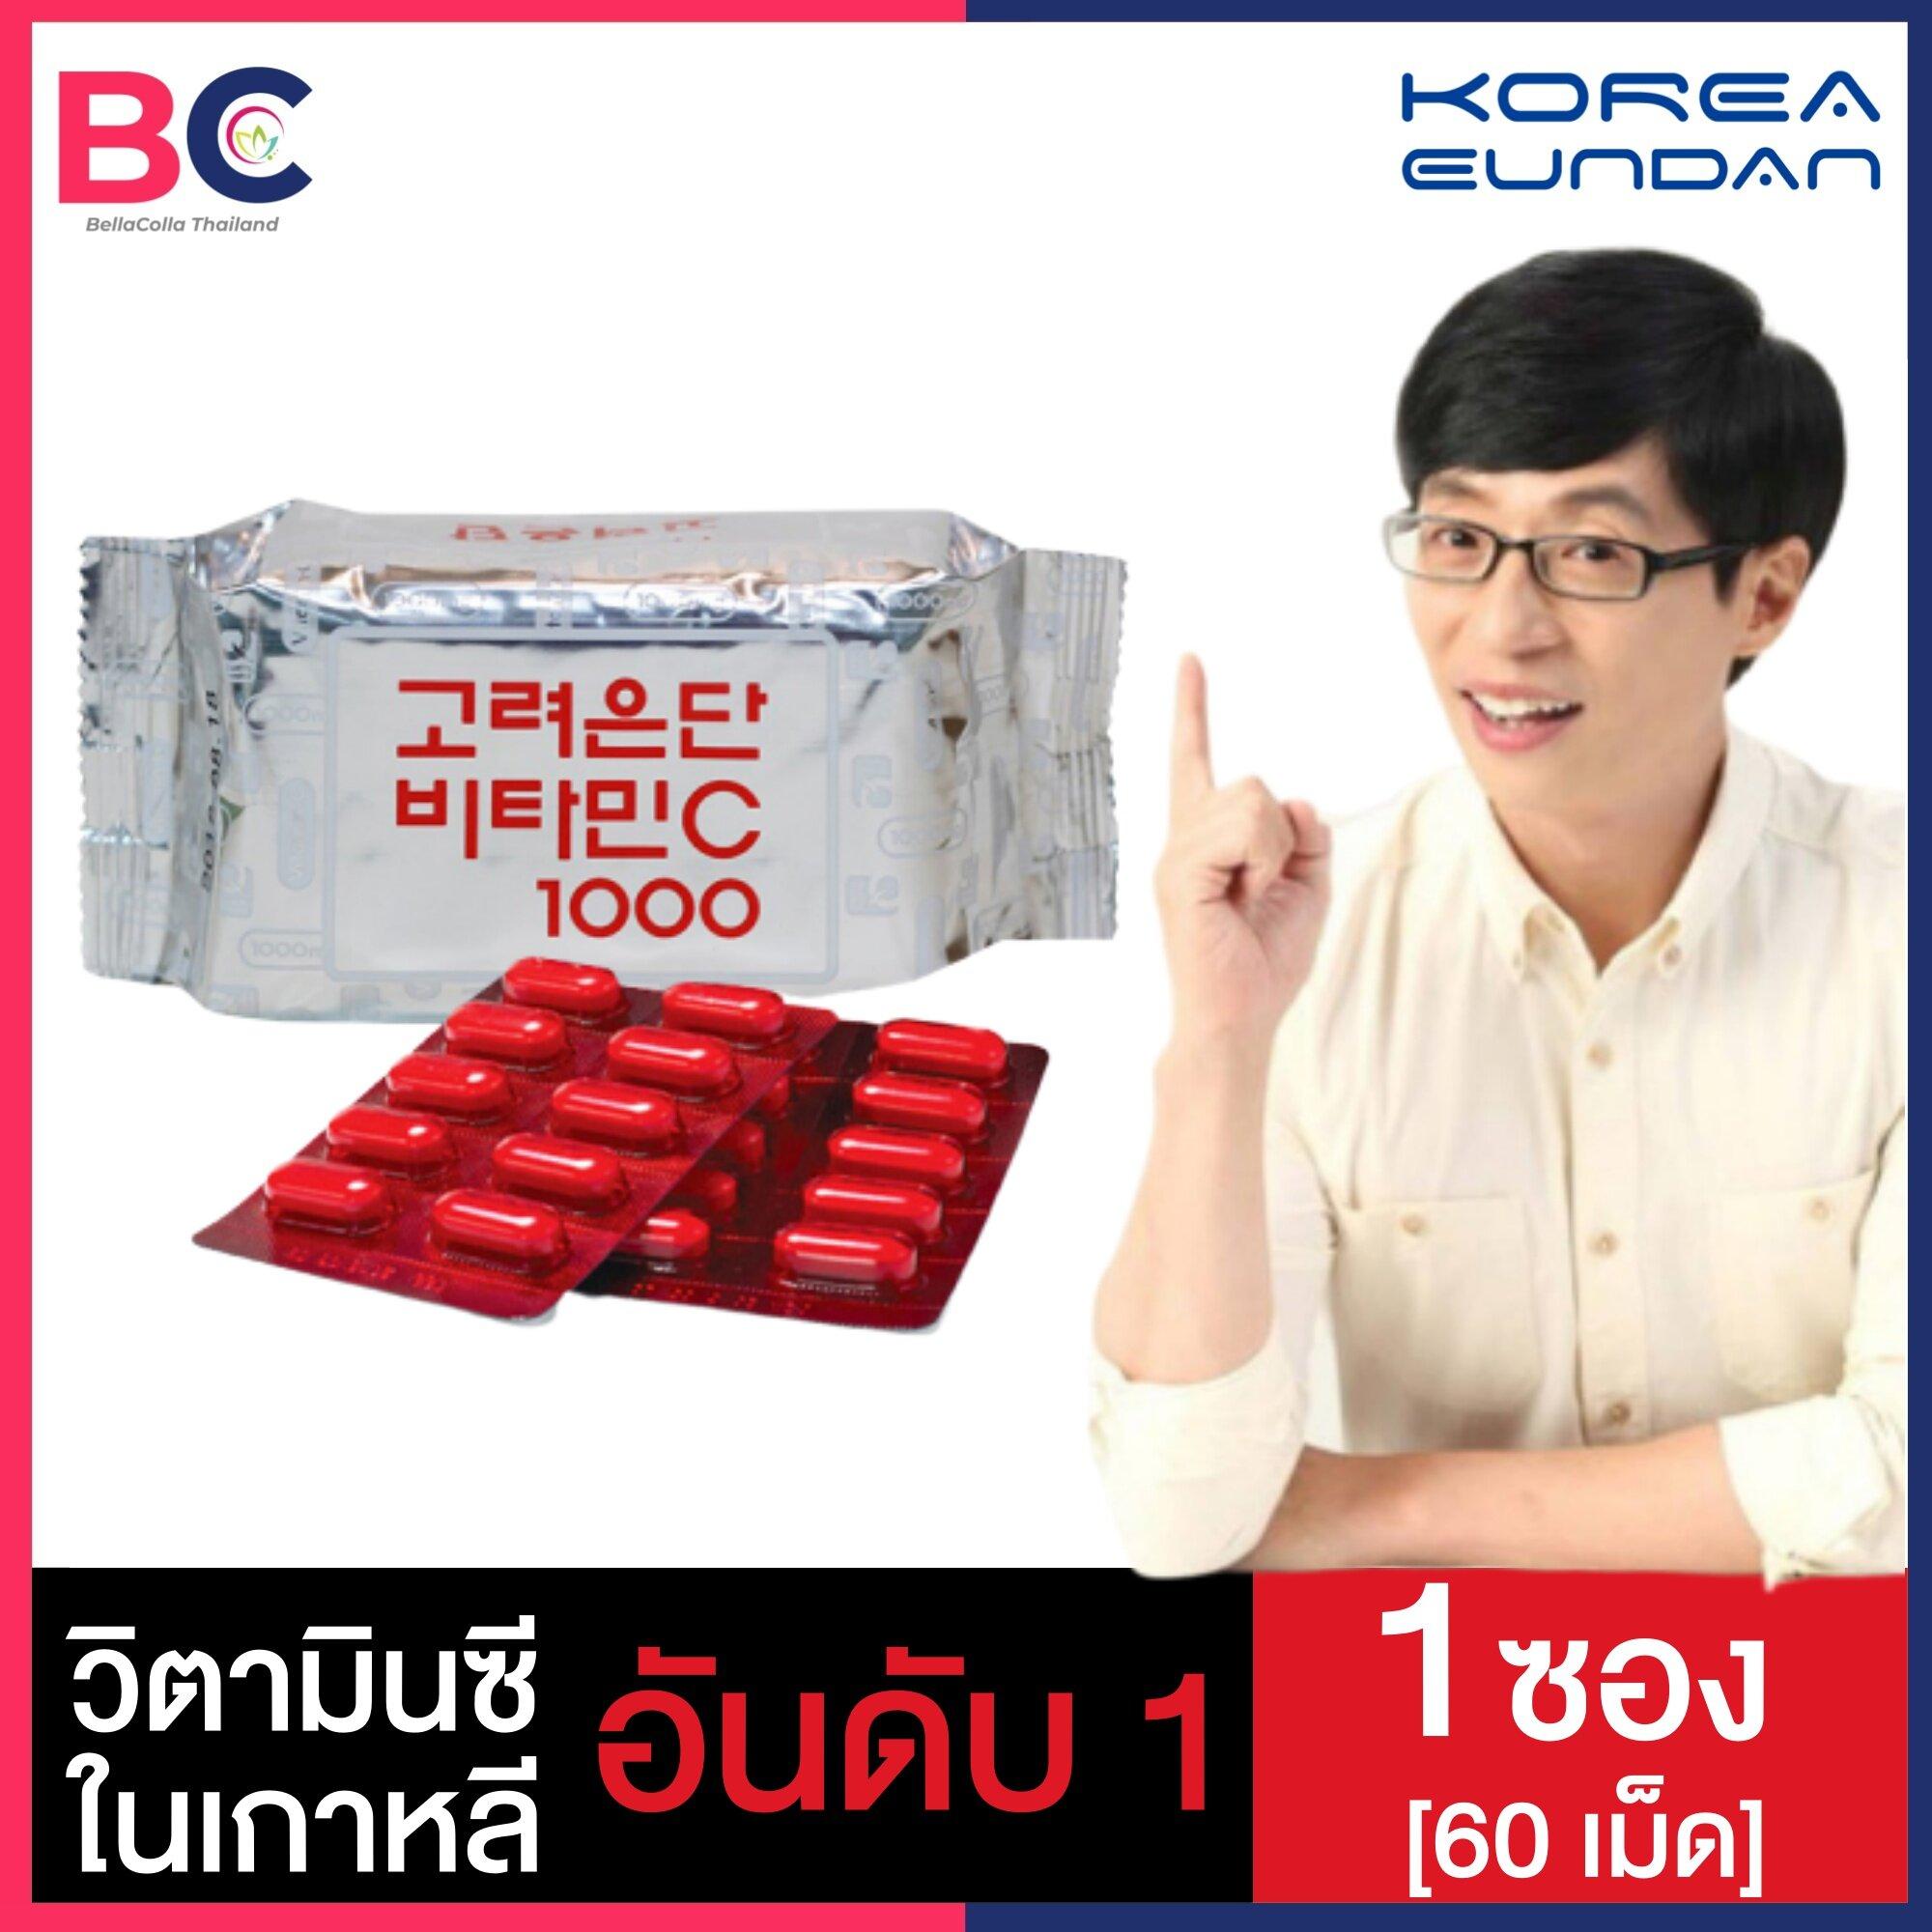 วิตามินซีเกาหลี Korea Eundan Vitamin C 1000 [60 แคปซูล] [ไม่มีกล่อง] วิตามินซี อันดับ 1 ของเกาหลี Bc วิตามินซี.